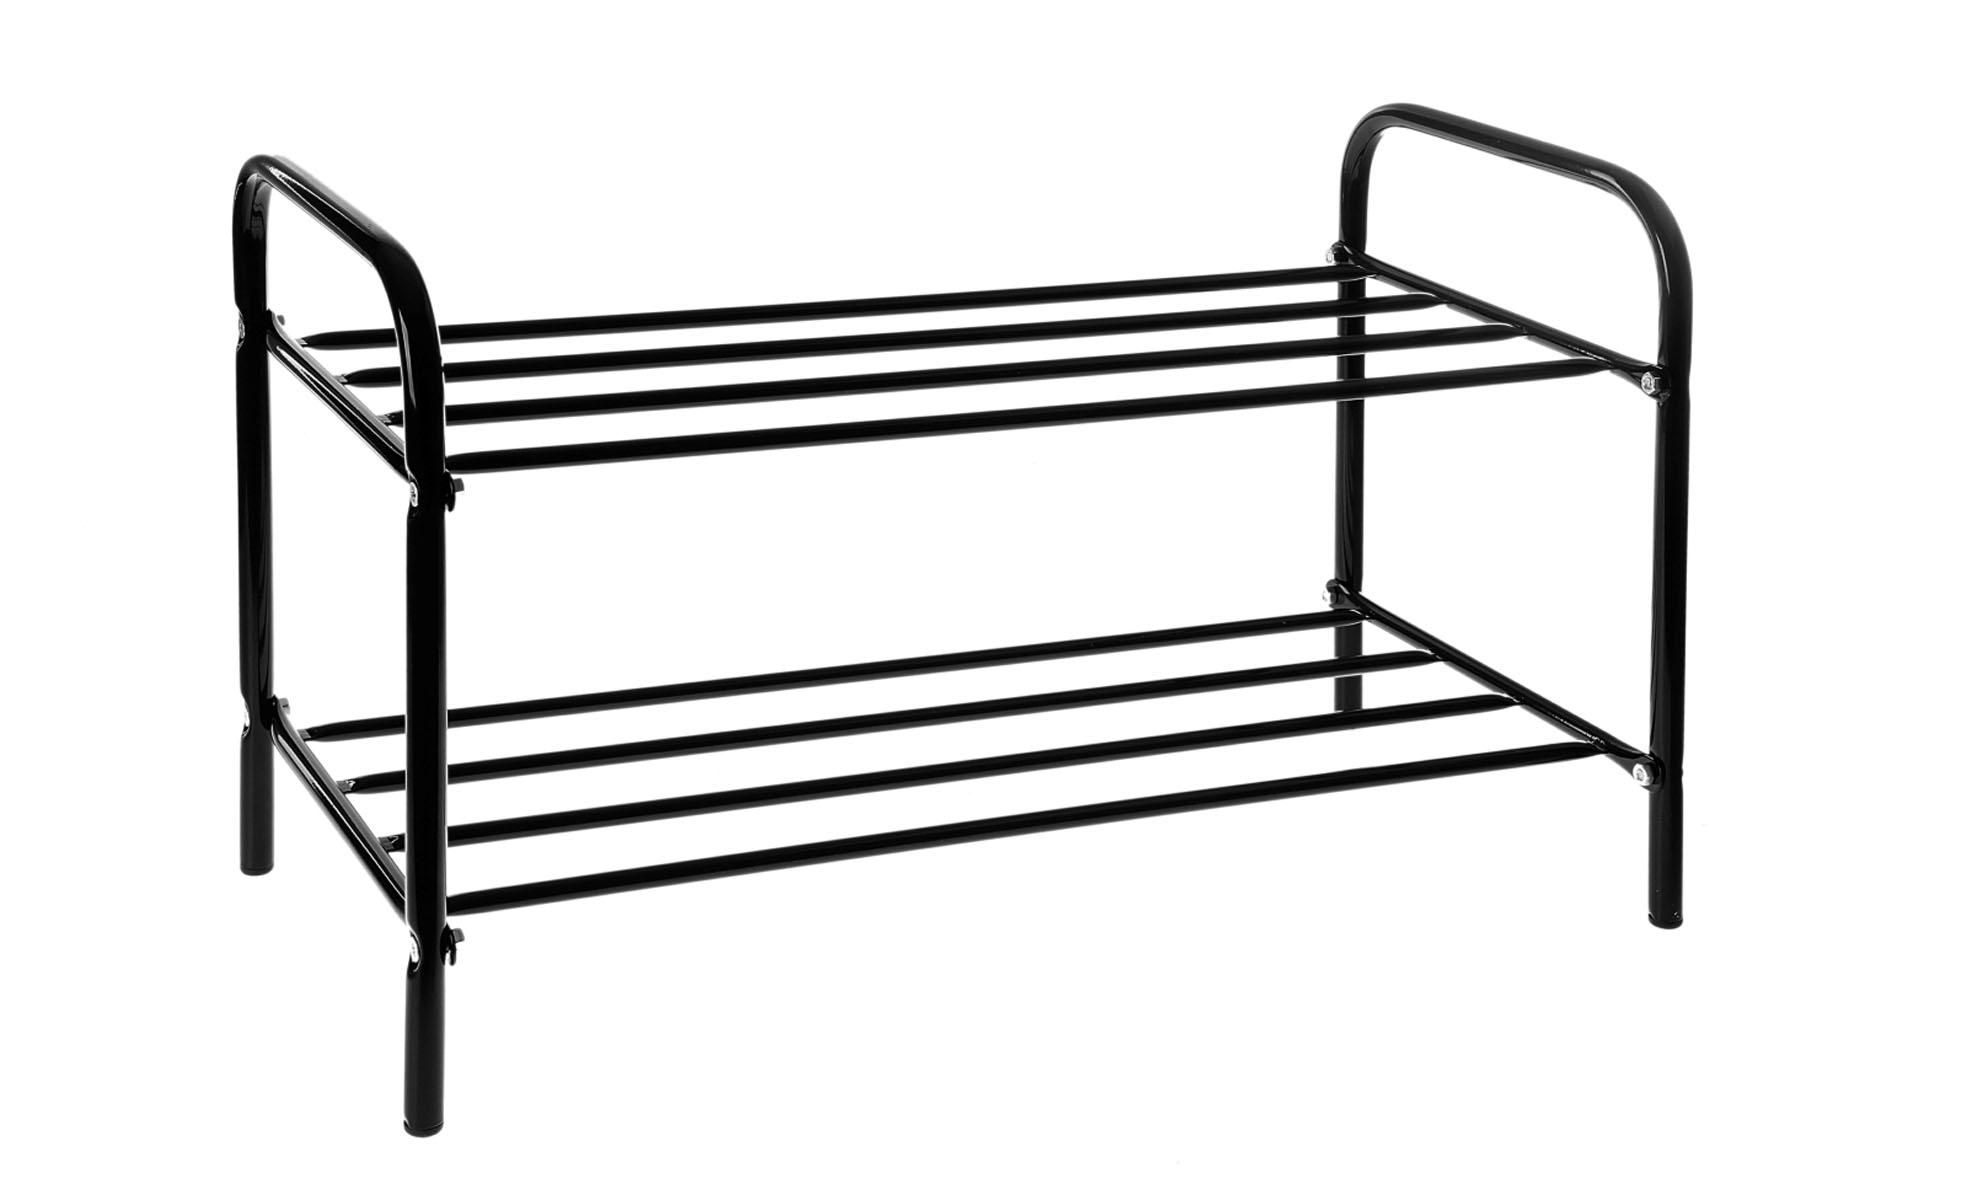 Подставка для обуви, 2 яруса, цвет: черный, 60 х 30 х 37 см192505Подставка для обуви представляет собой этажерку, выполненную из высококачественной стали. Содержит 2 яруса, на которых можно разместить по несколько пар обуви. Удобная, компактная и вместительная, такая подставка идеально впишется в интерьер прихожей. Она поможет легко организовать пространство и аккуратно хранить вашу обувь, стильный и необычный дизайн сделает ее оригинальным элементом декора. Крепления для сборки в комплекте. Размер подставки (ДхШхВ): 60 см х 30 см х 37 см.